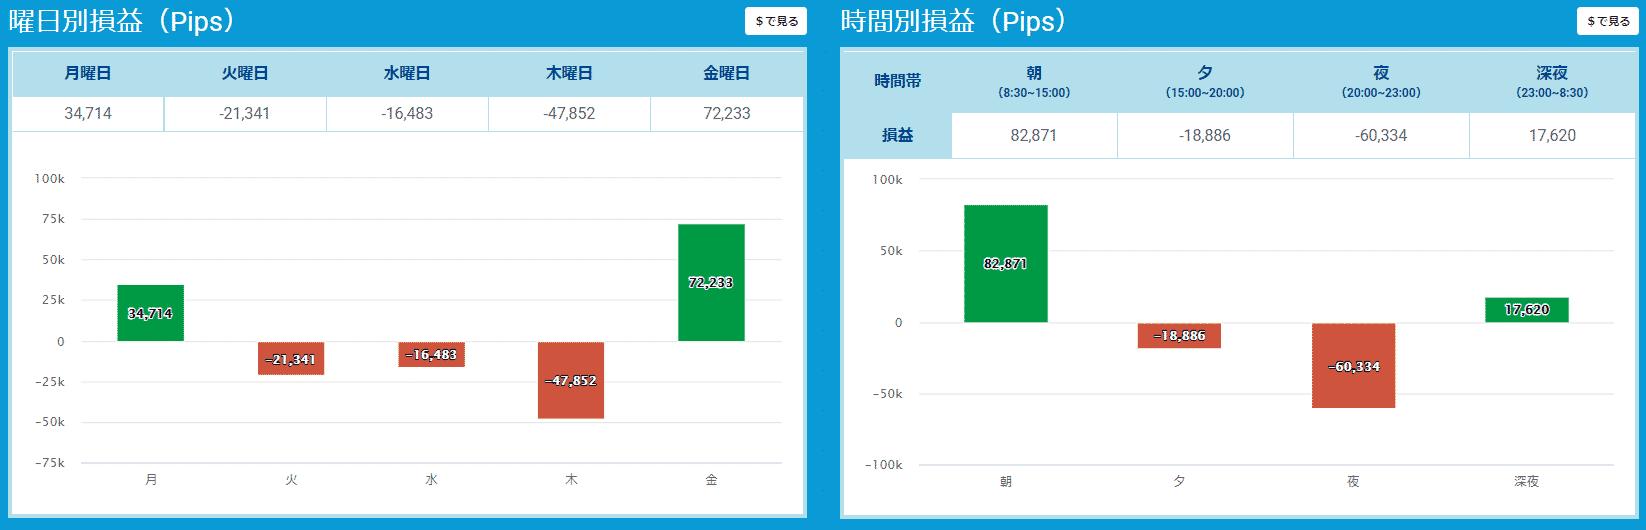 プロップトレーダーチャートIshi2